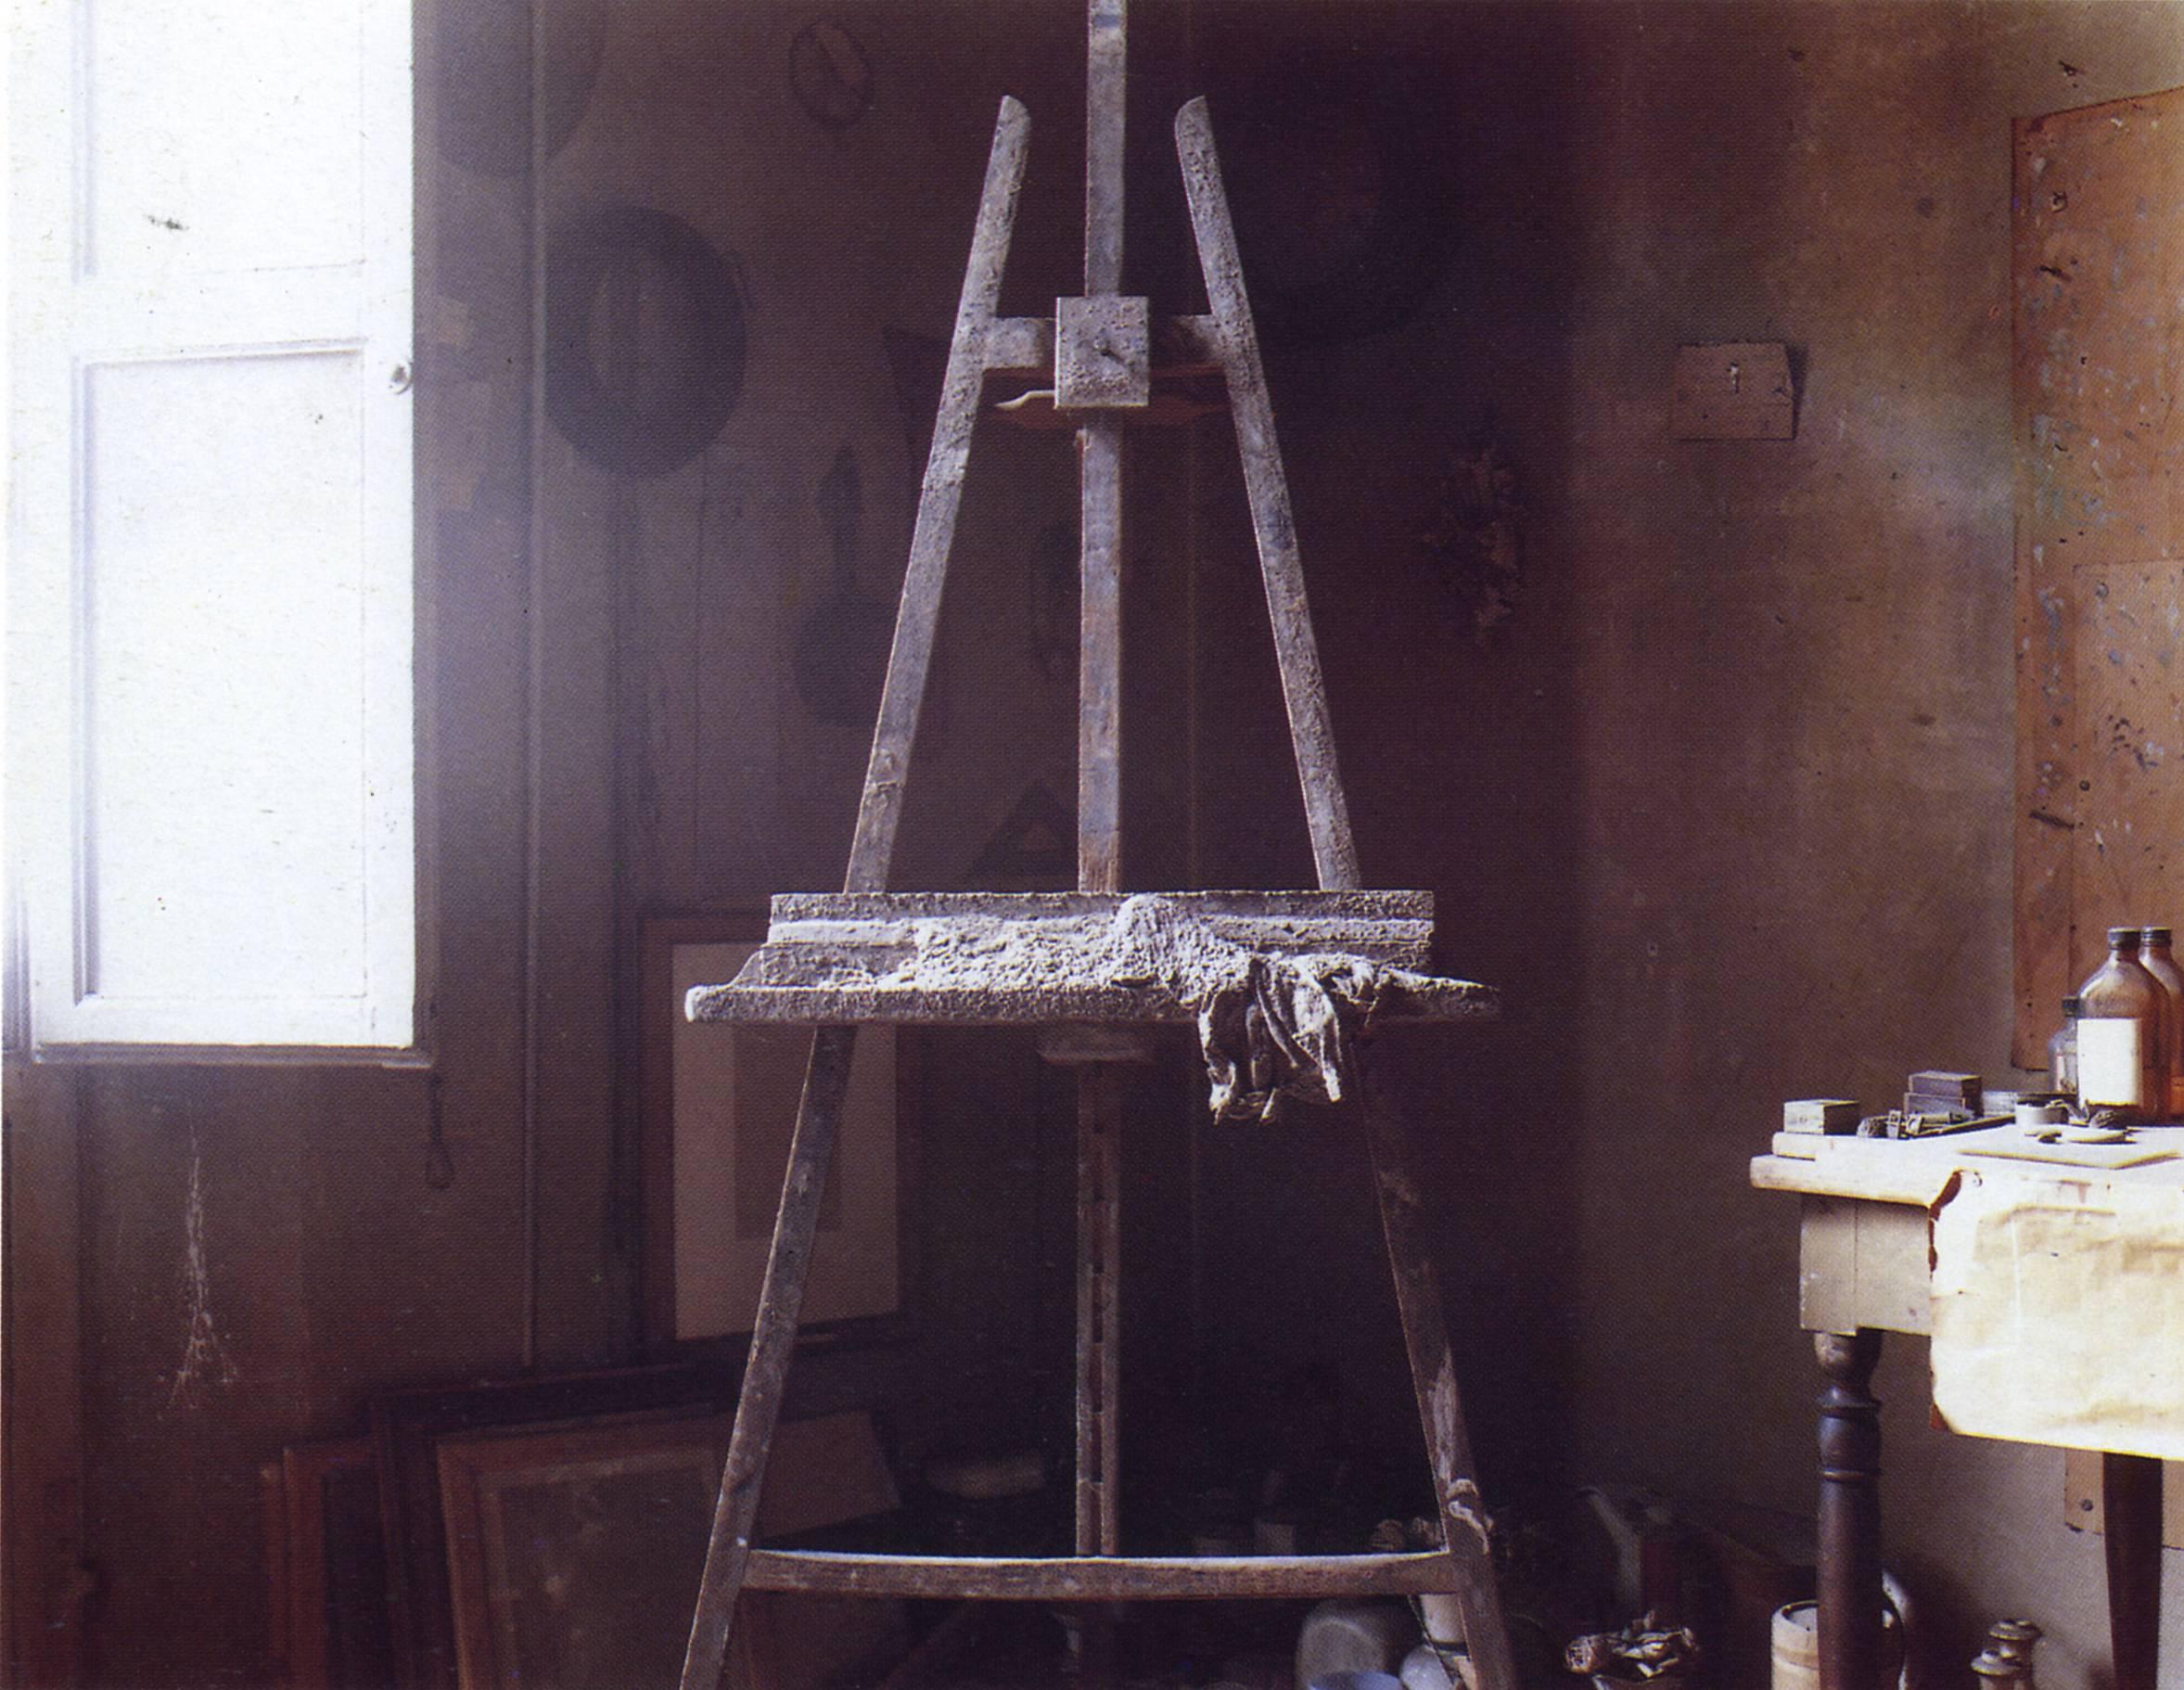 Ennio Morlotti: From the Merlini Collection in the Morandi Museum